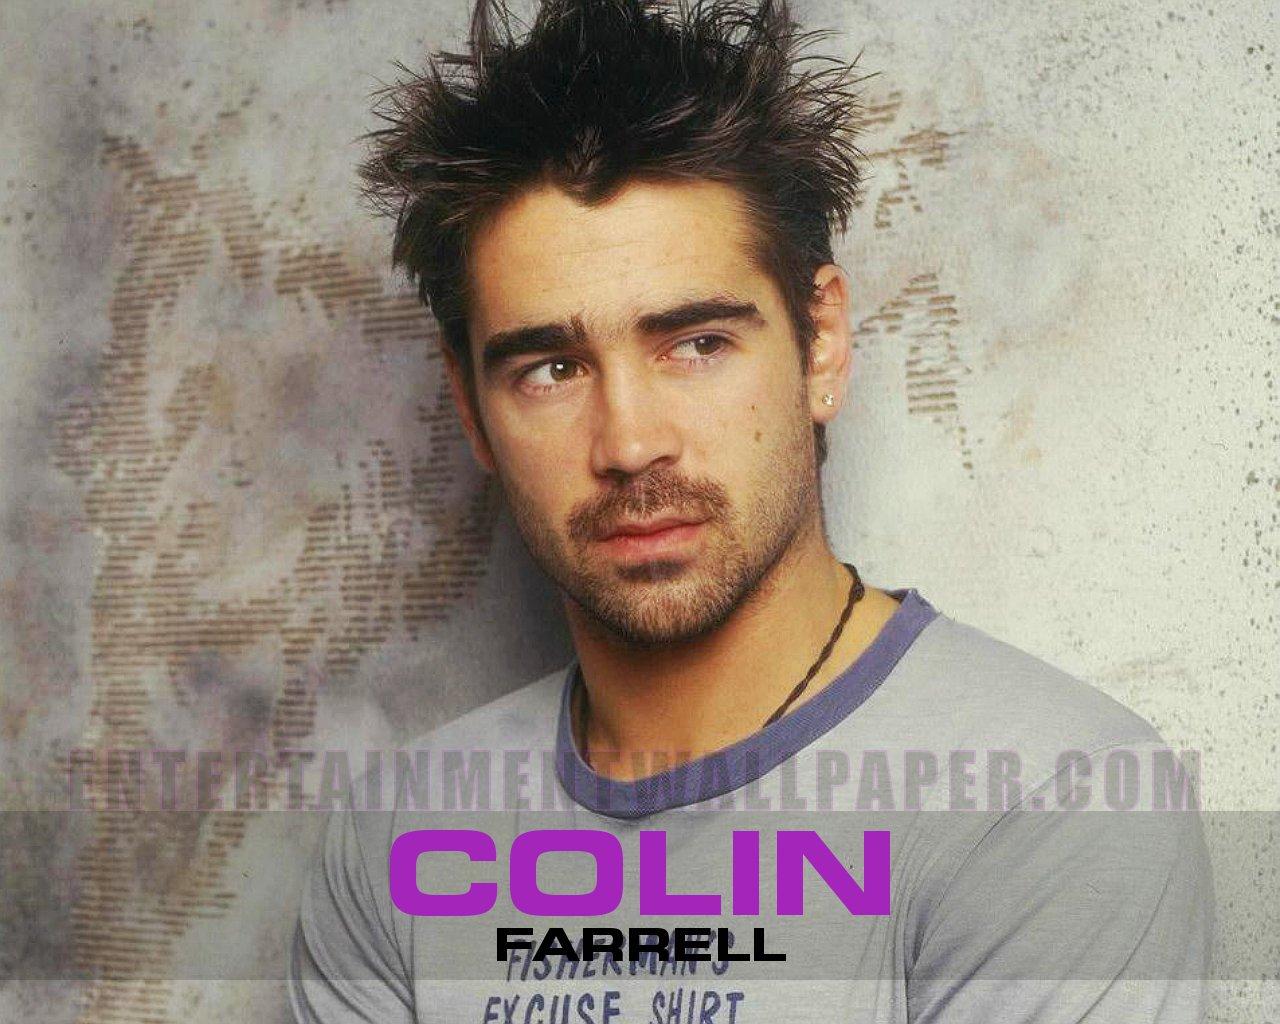 Colin Farrell ;) - Col...